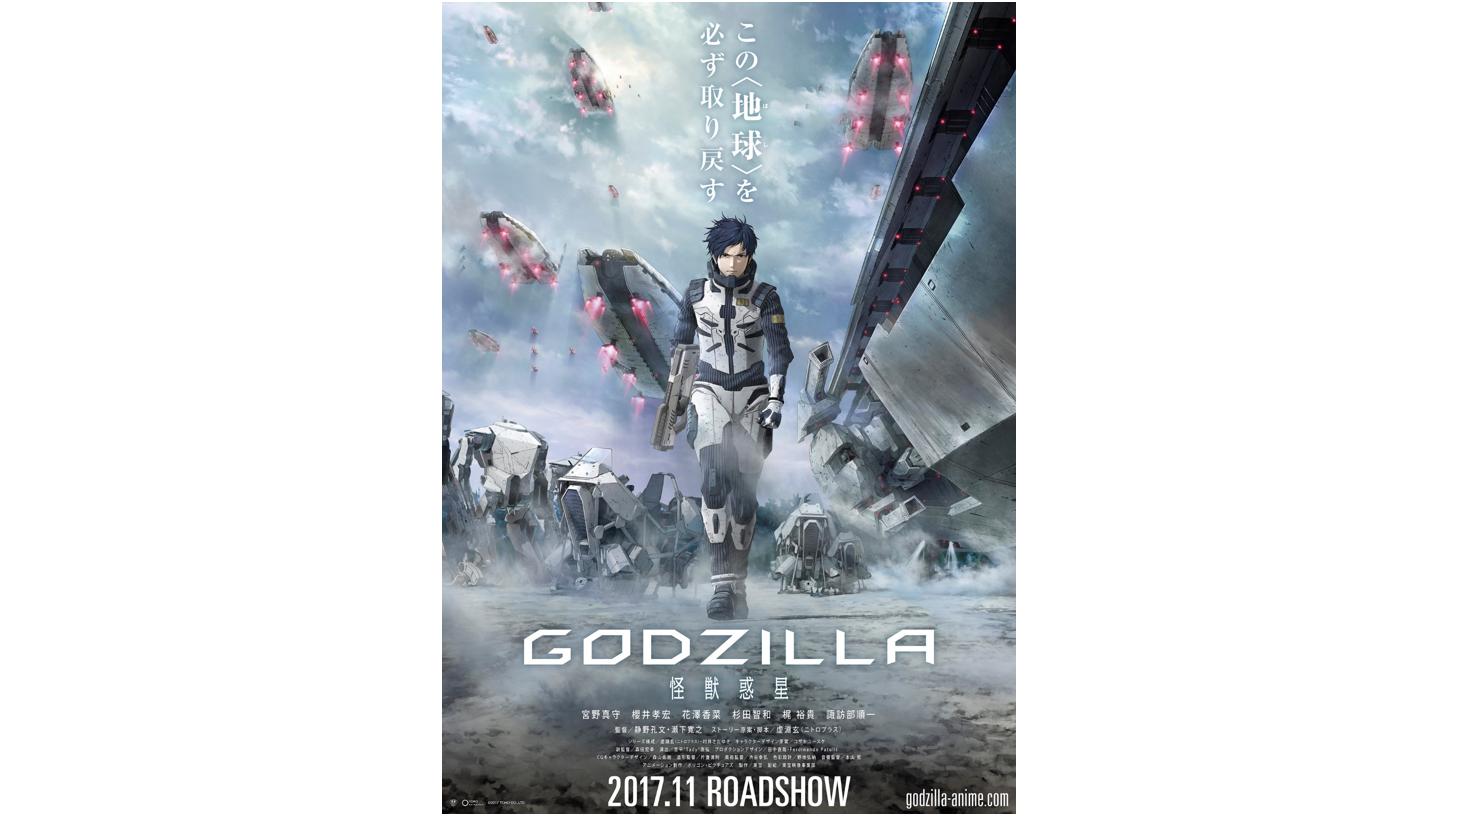 哥吉拉長紅60年 劇場版動畫《GODZILLA – 怪獸惑星 -》三部曲將呈現史詩般龐大故事